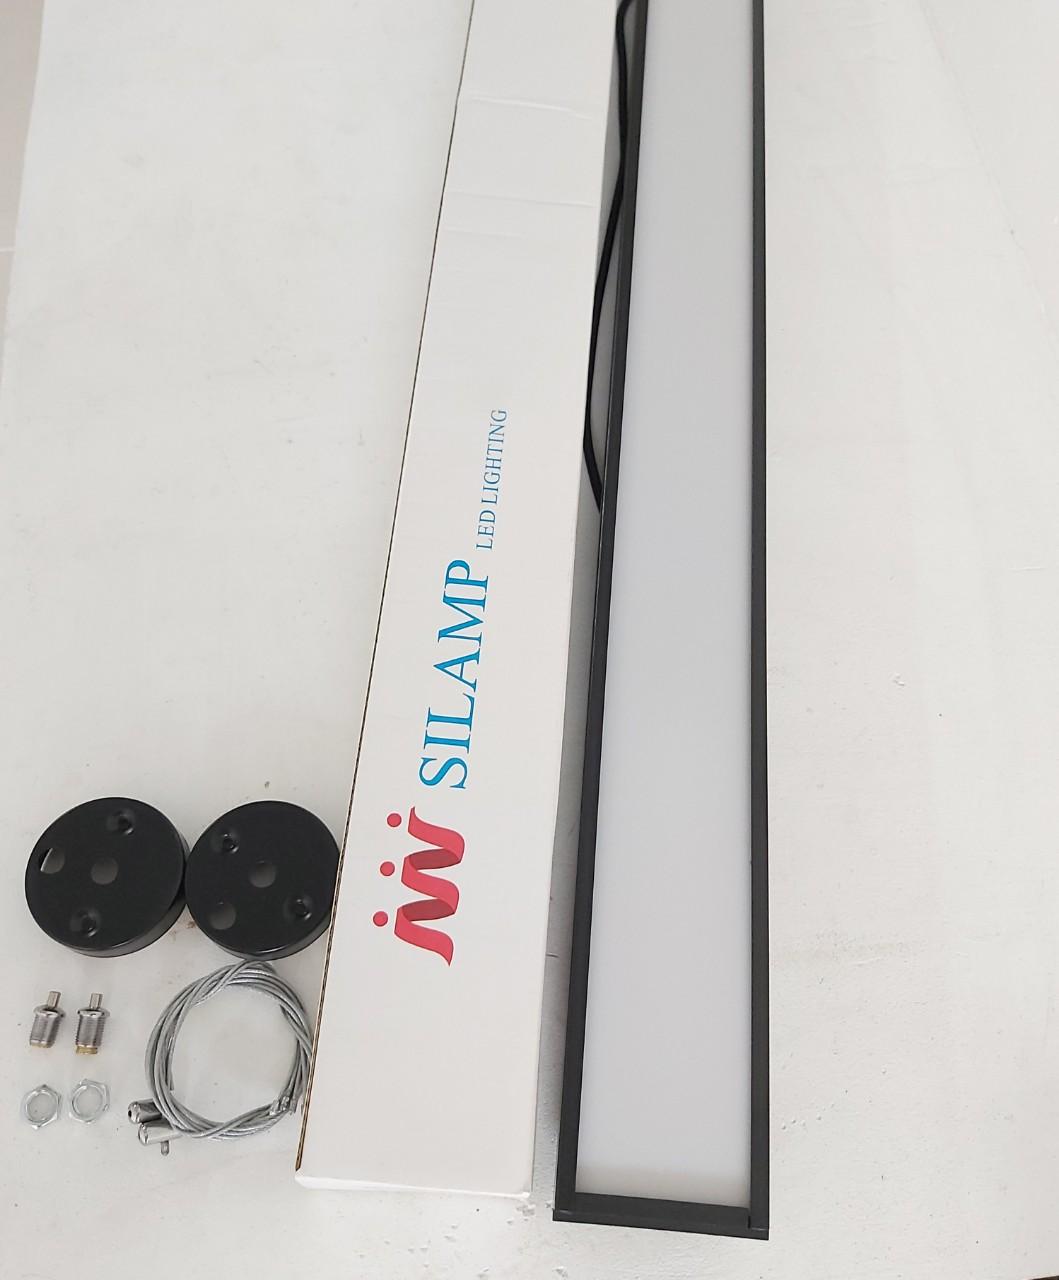 ĐÈN LED THẢ TRẦN Liner Panel 70x1200 38W | Đèn LED HỘP THẢ TRẦN – Silamp